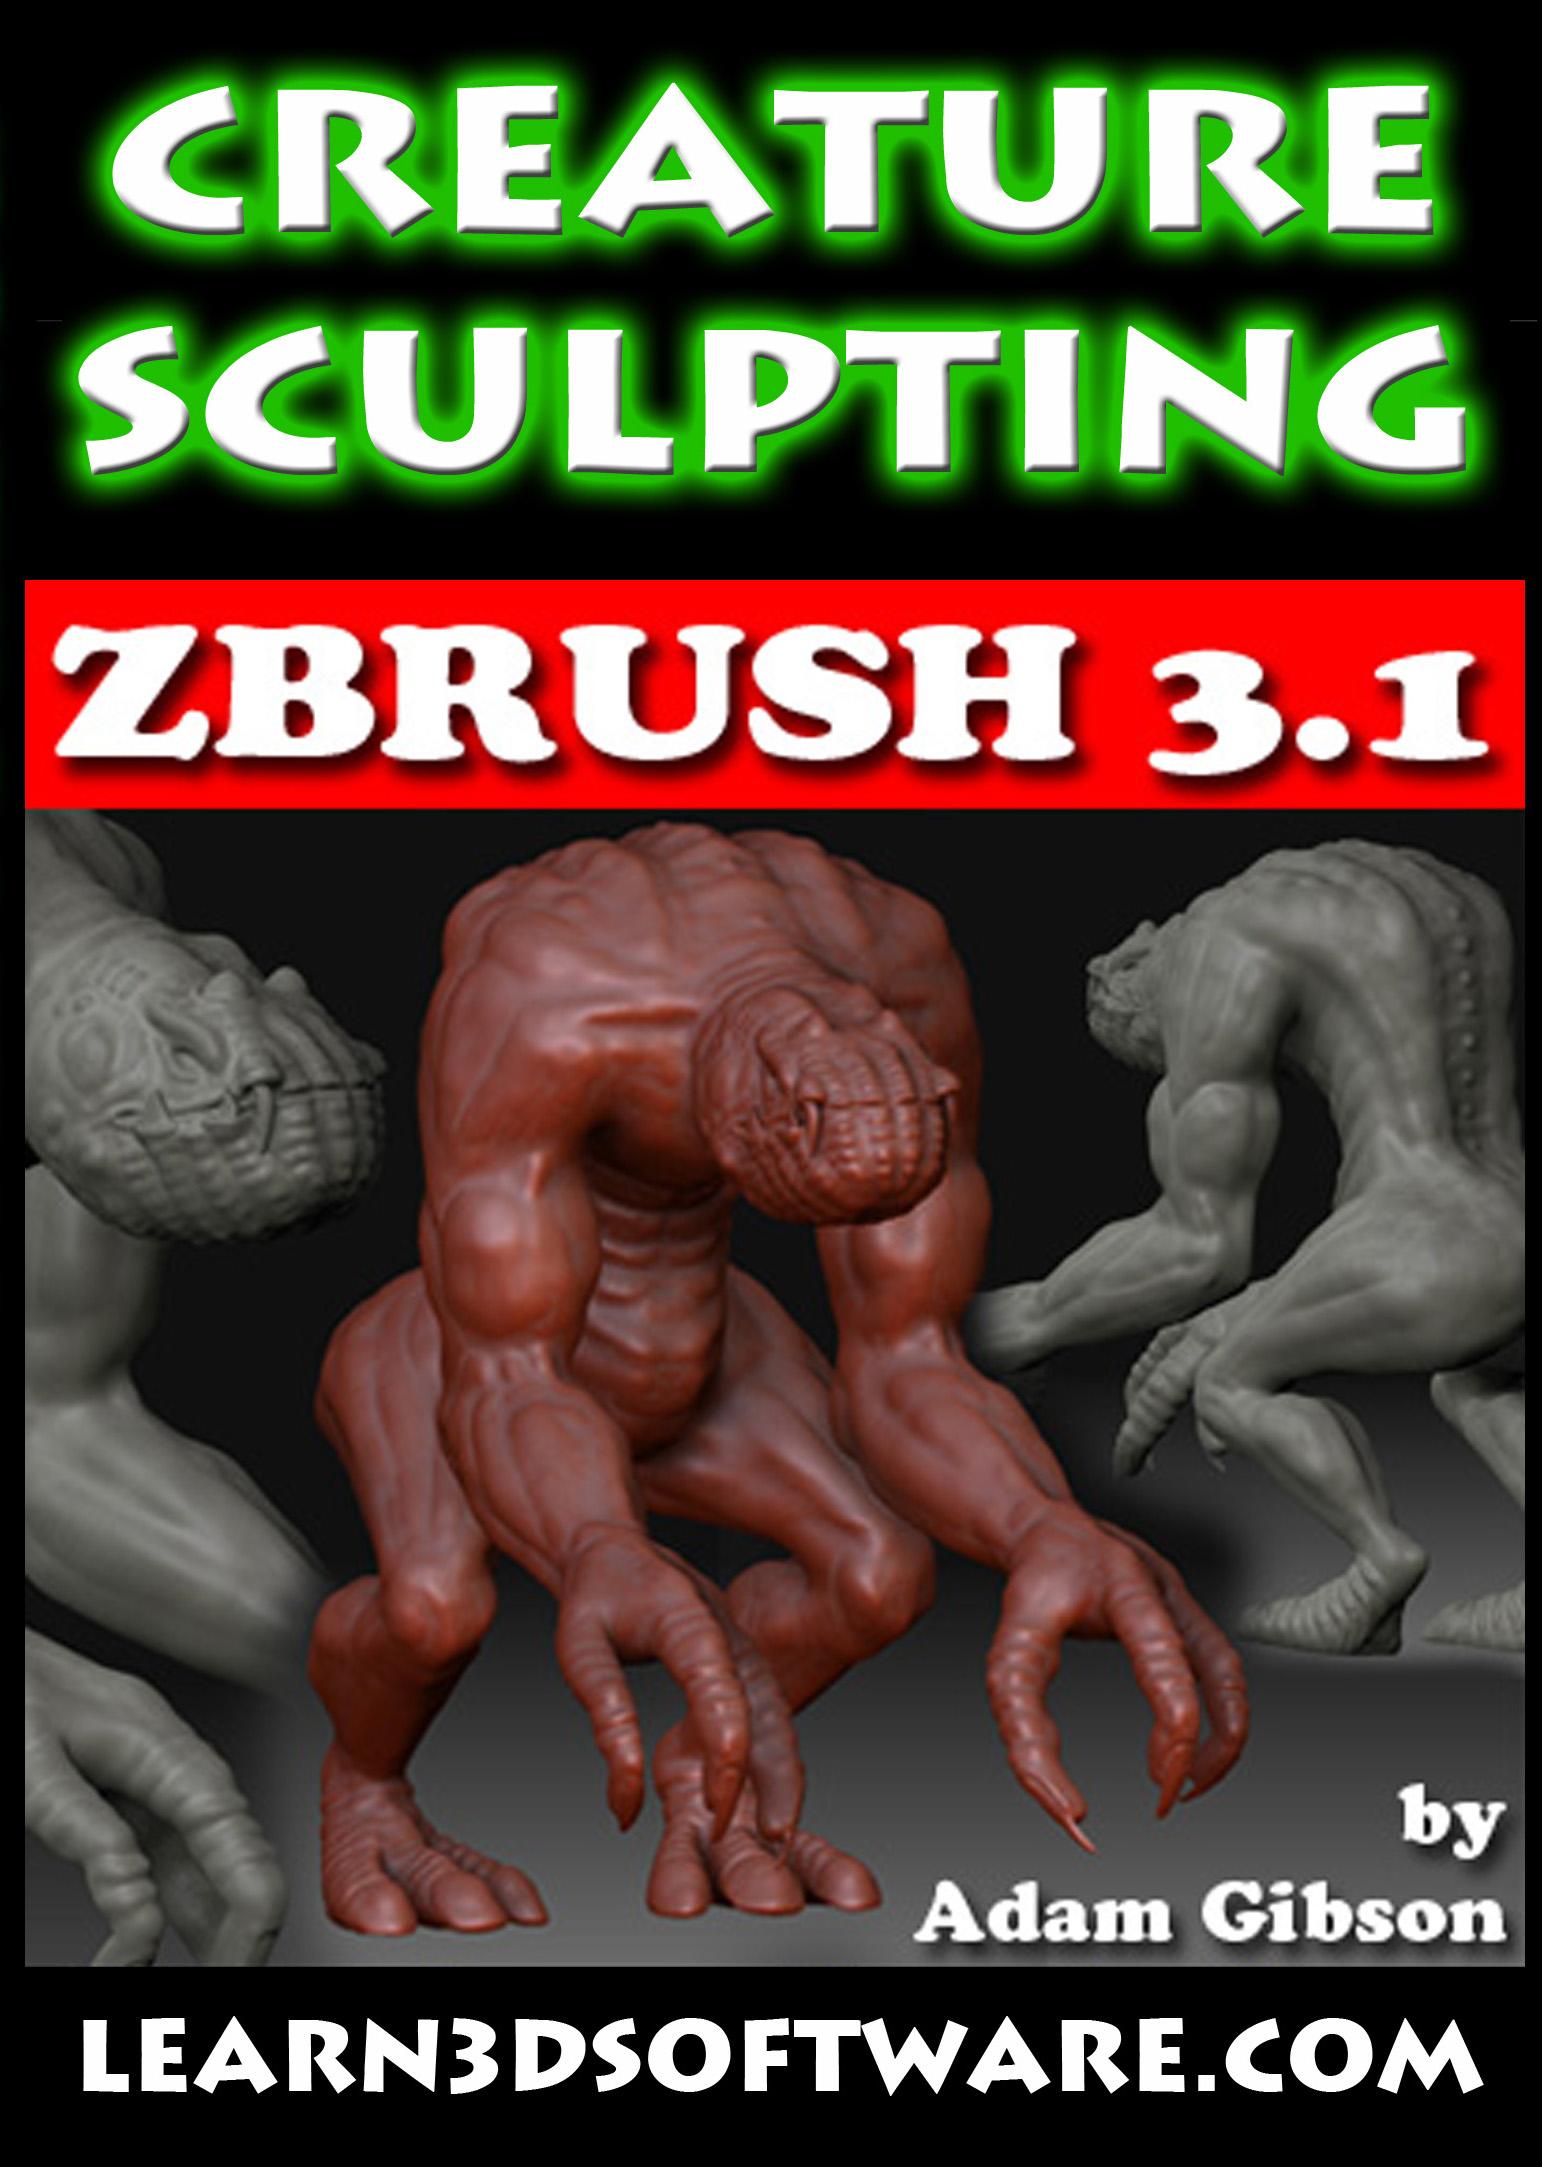 ZBrush 3